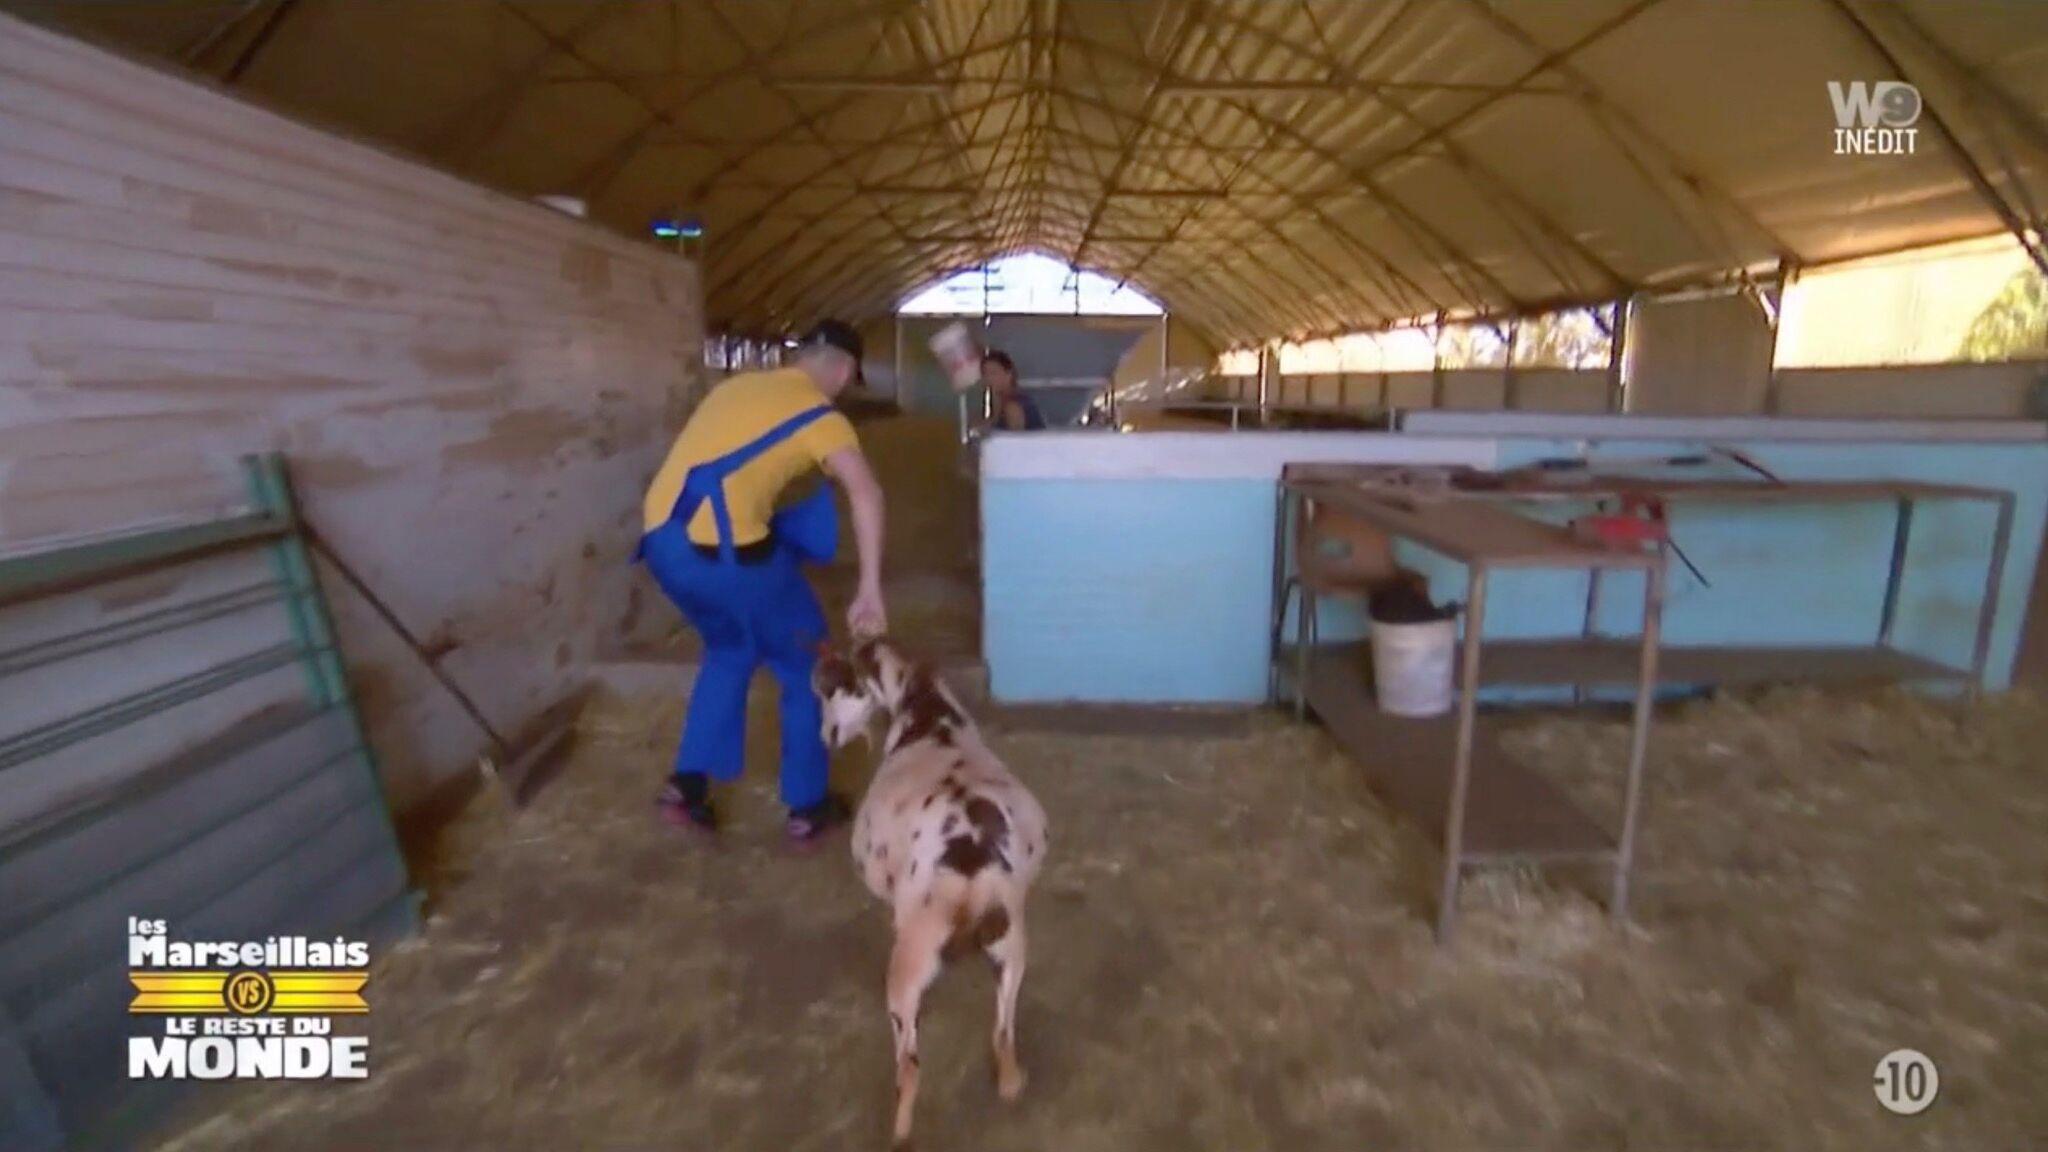 VIDEO Les Marseillais : une chèvre enceinte traînée par le collier pour un jeu, les internautes sont écoeurés